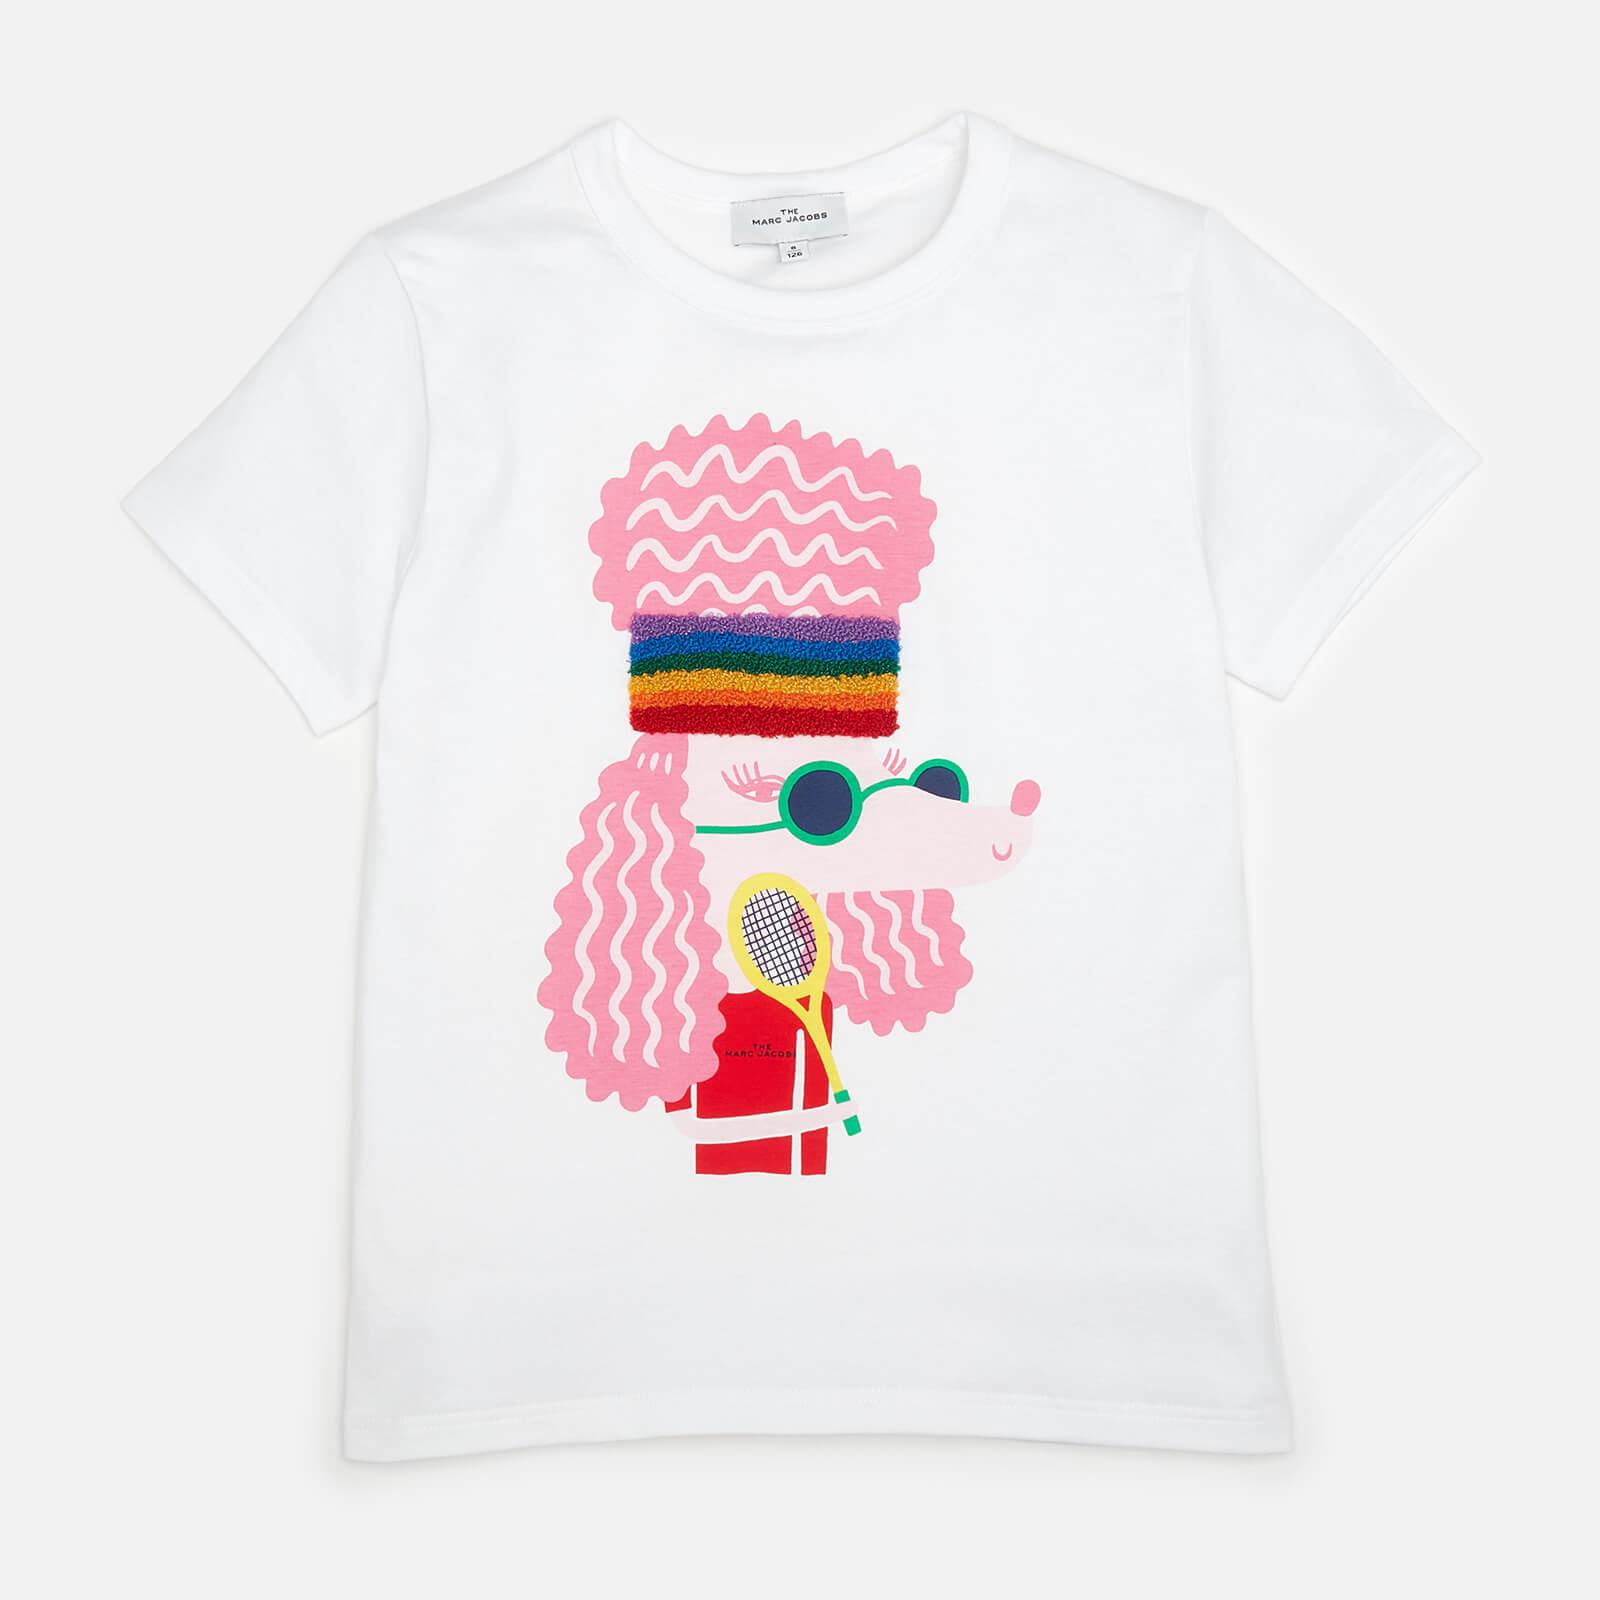 Little Marc Jacobs Girls' Print Short Sleeved T-Shirt - White - 4 Years